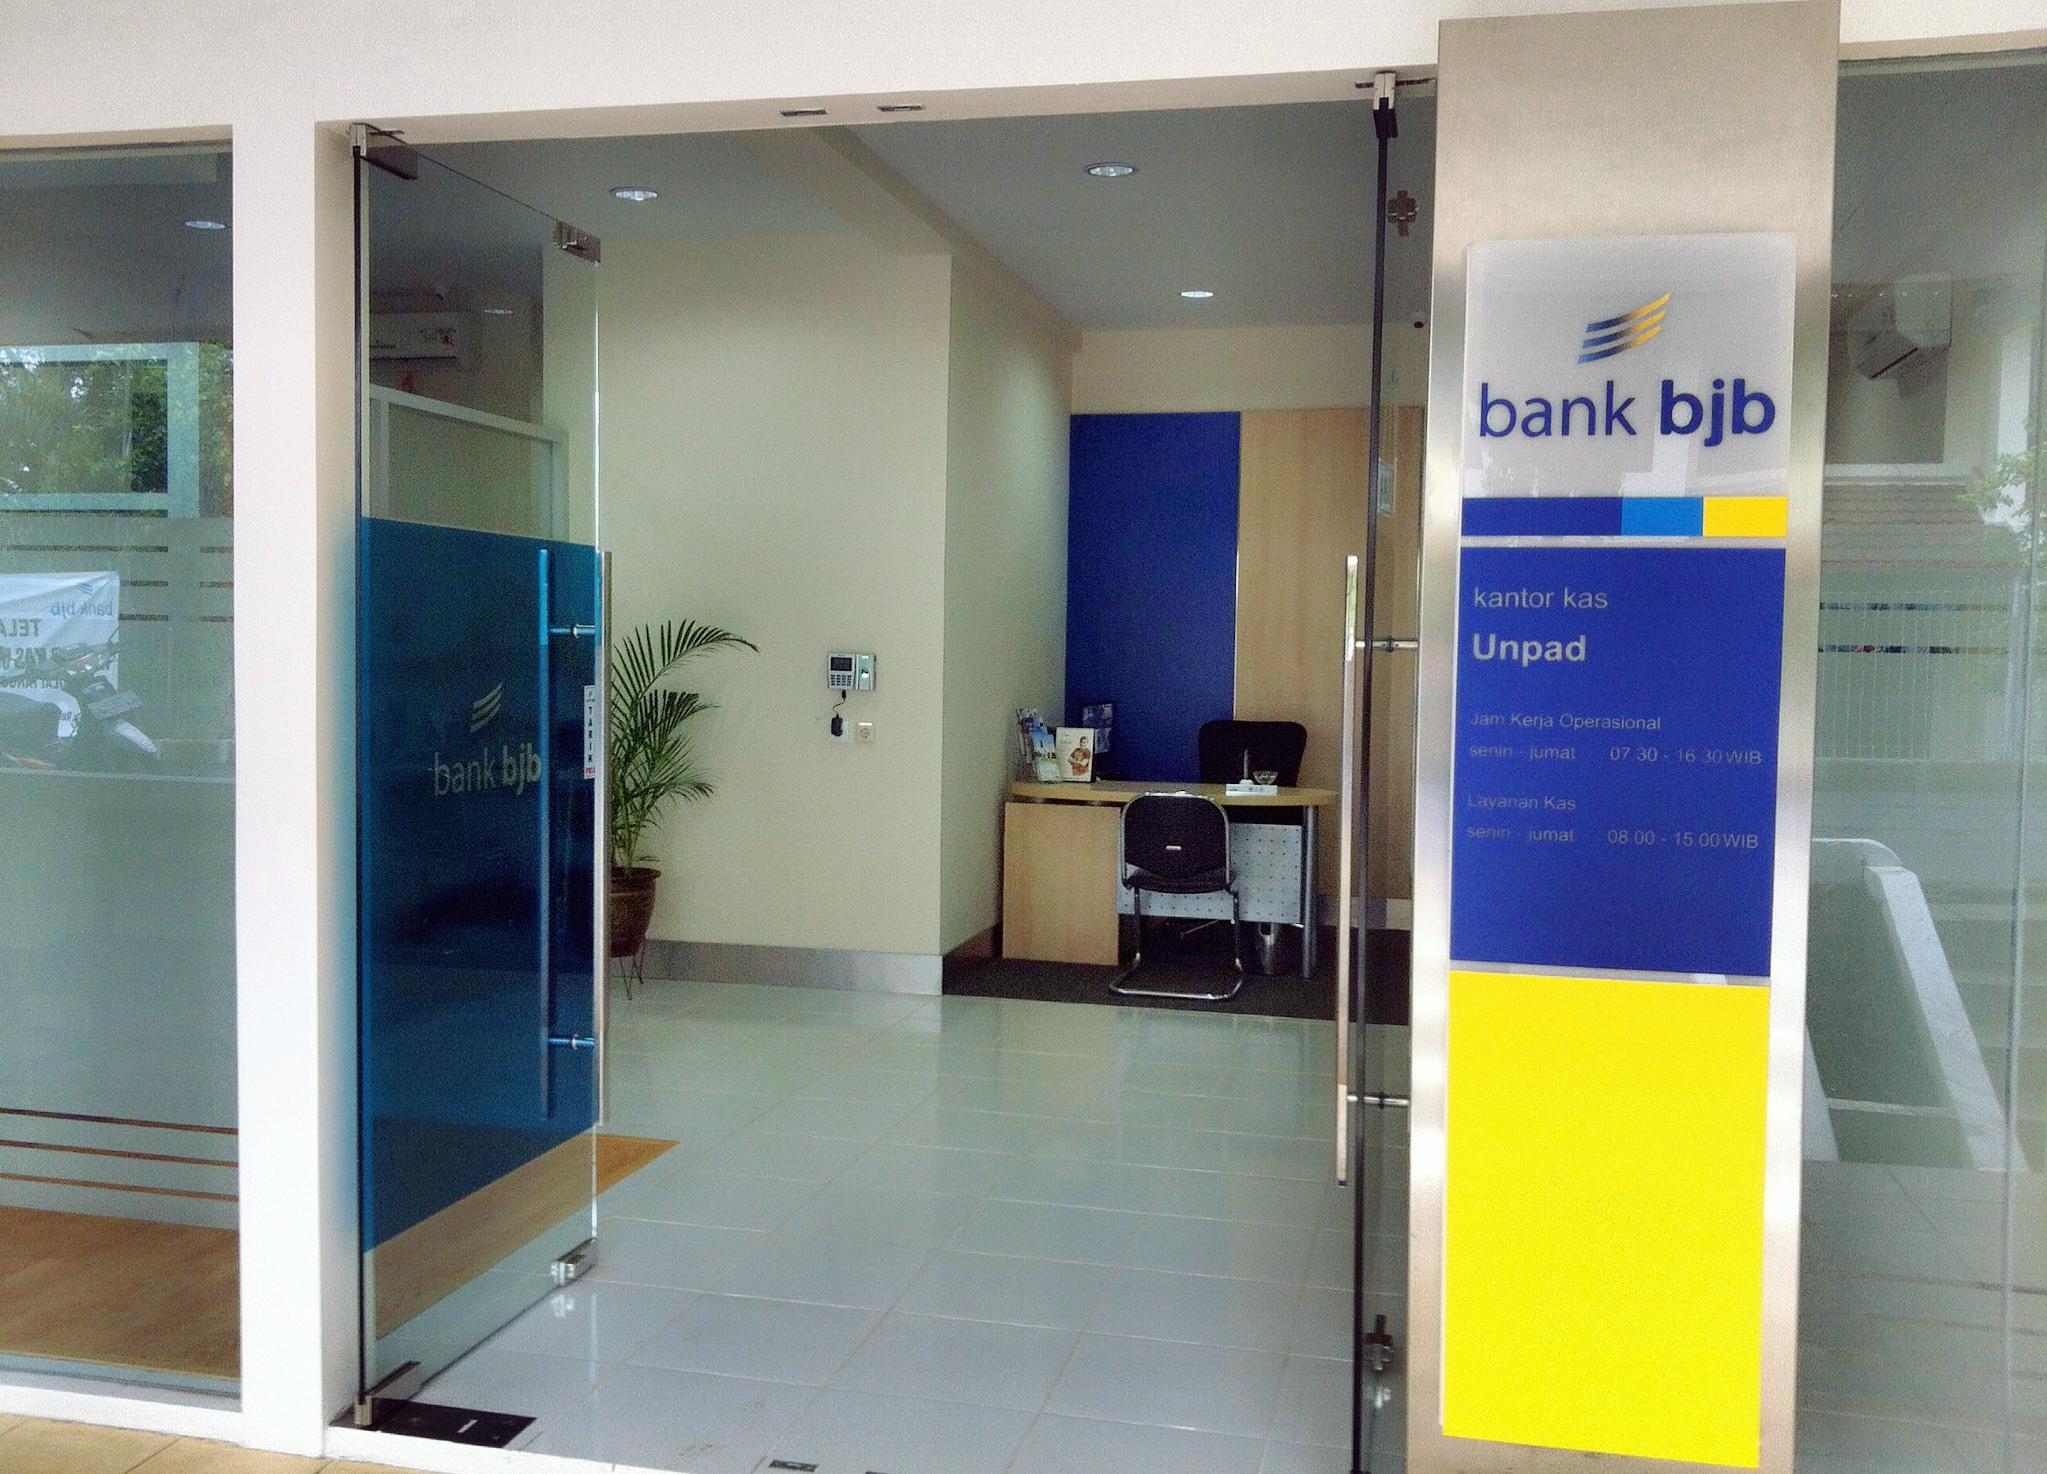 Bank bjb Kantor Kas Unpad - Universitas Padjadjaran